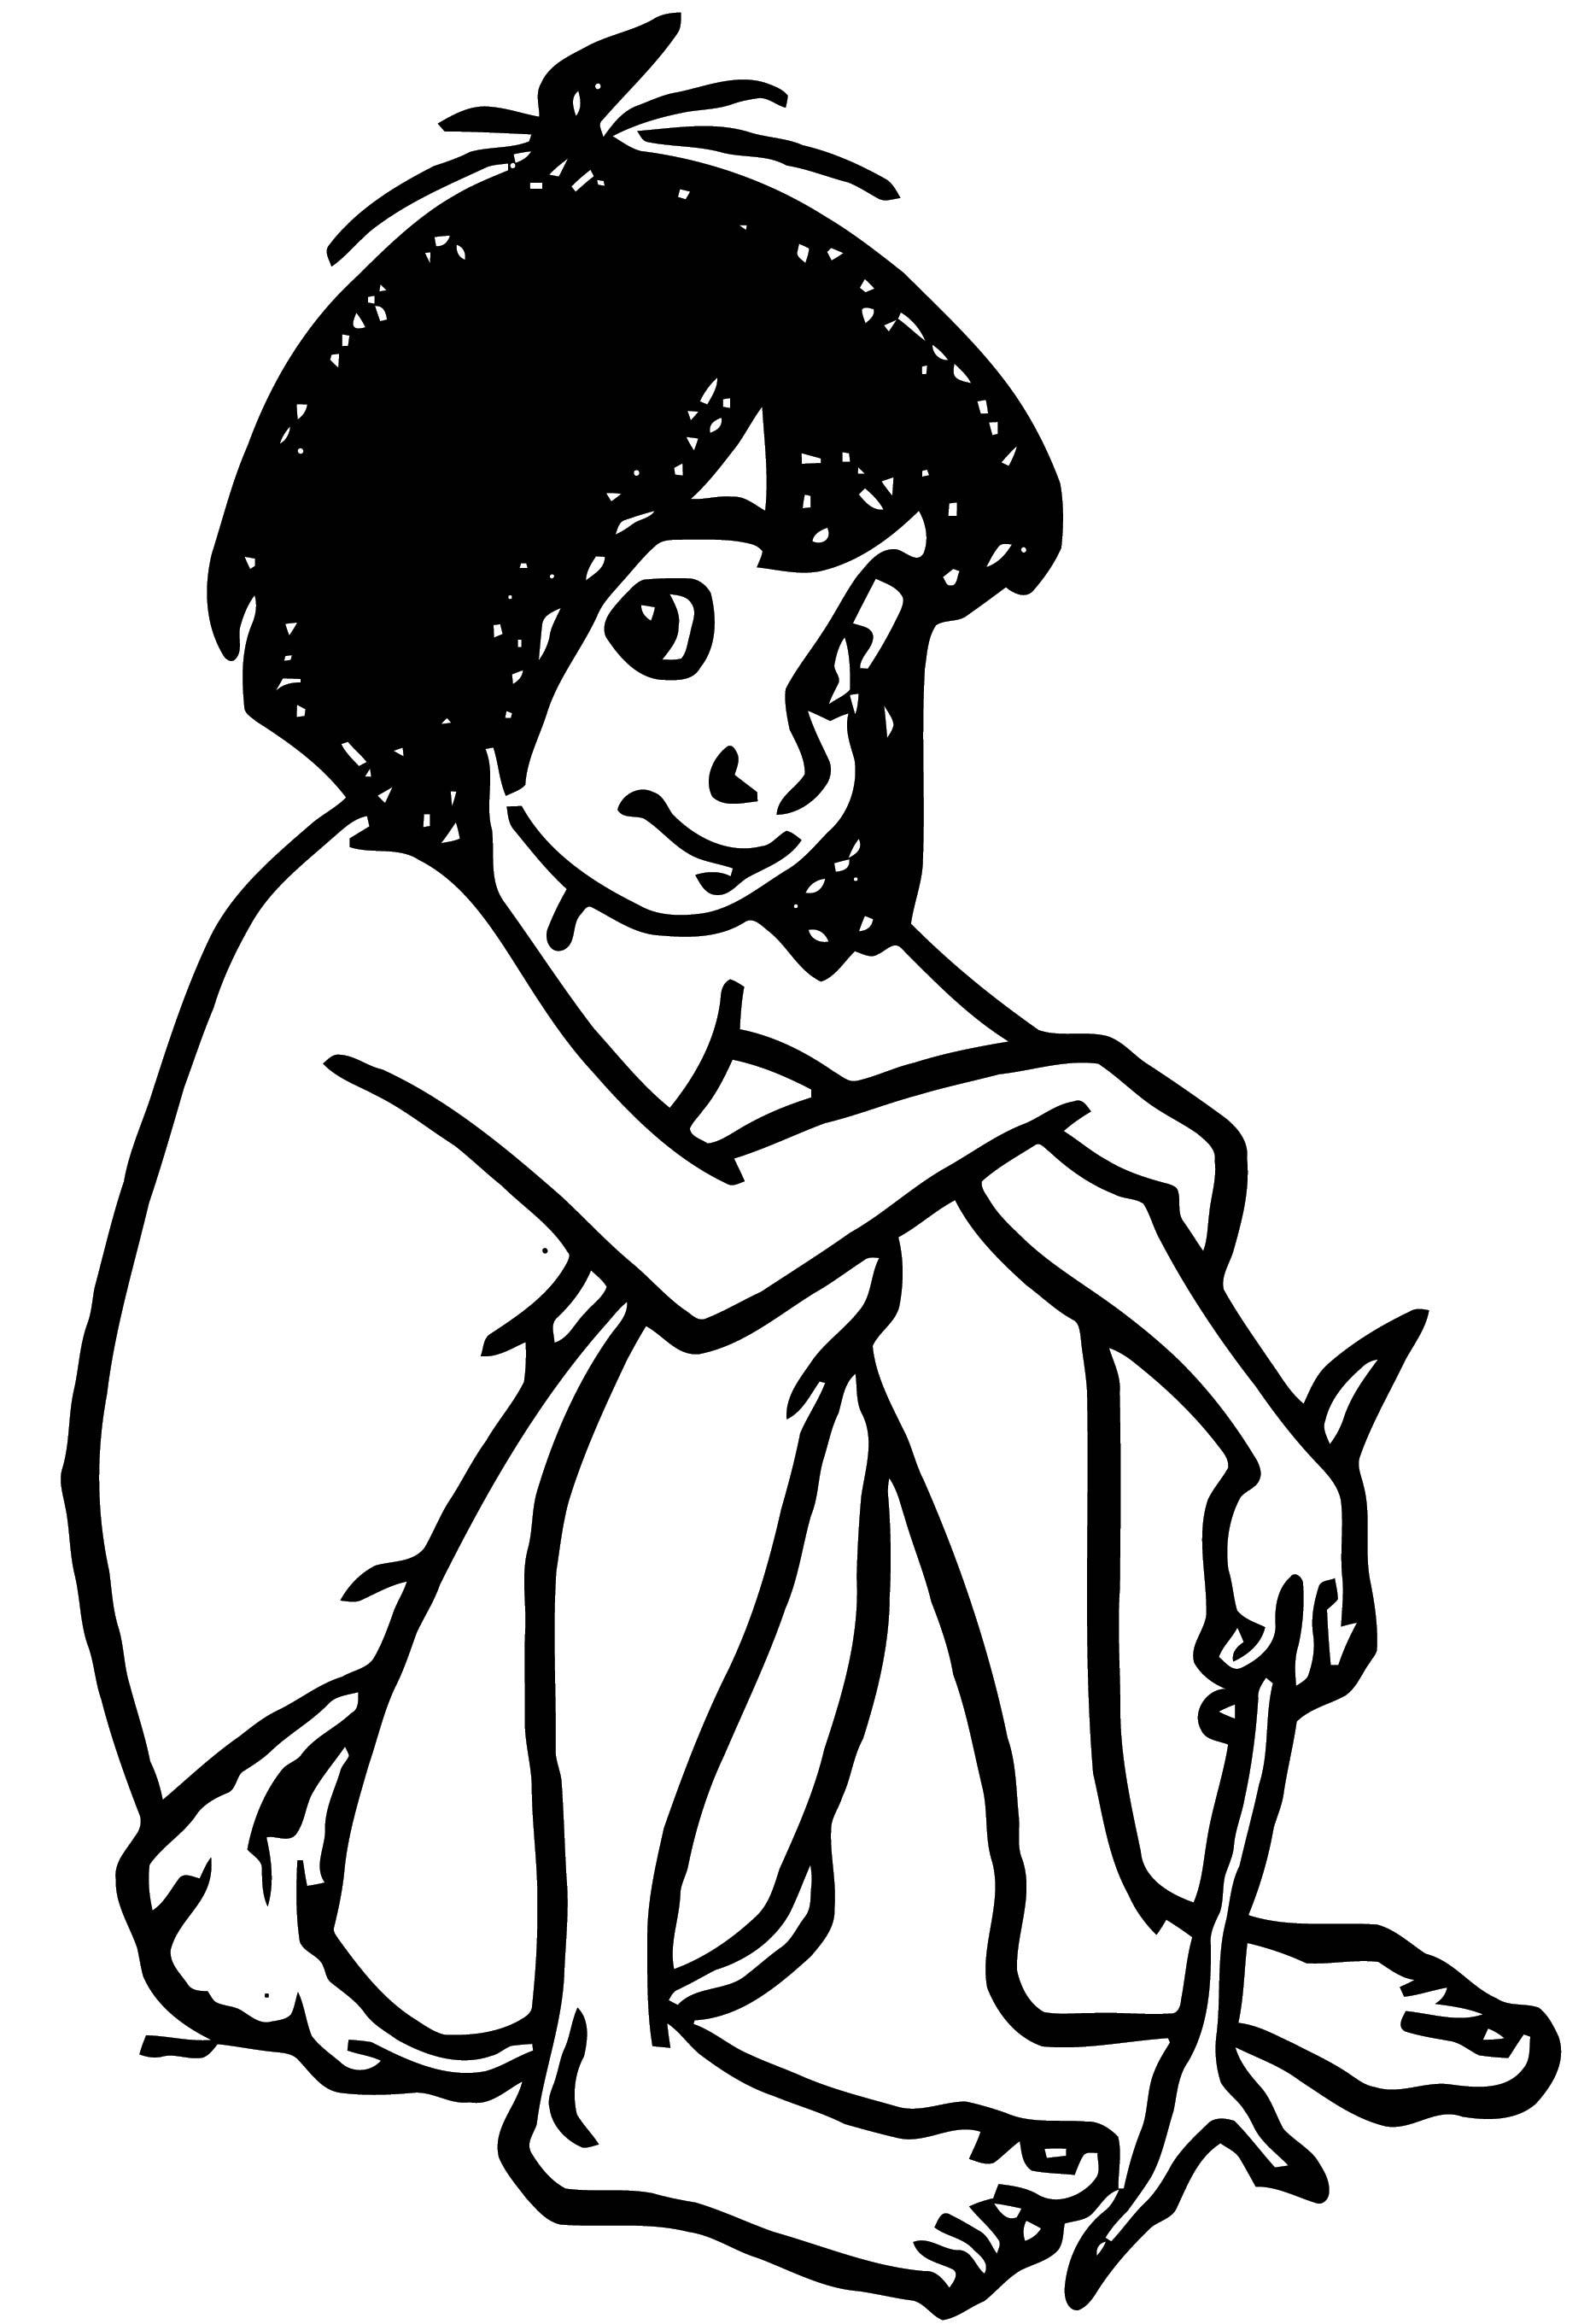 Mowgli The Jungle Book Coloring Page